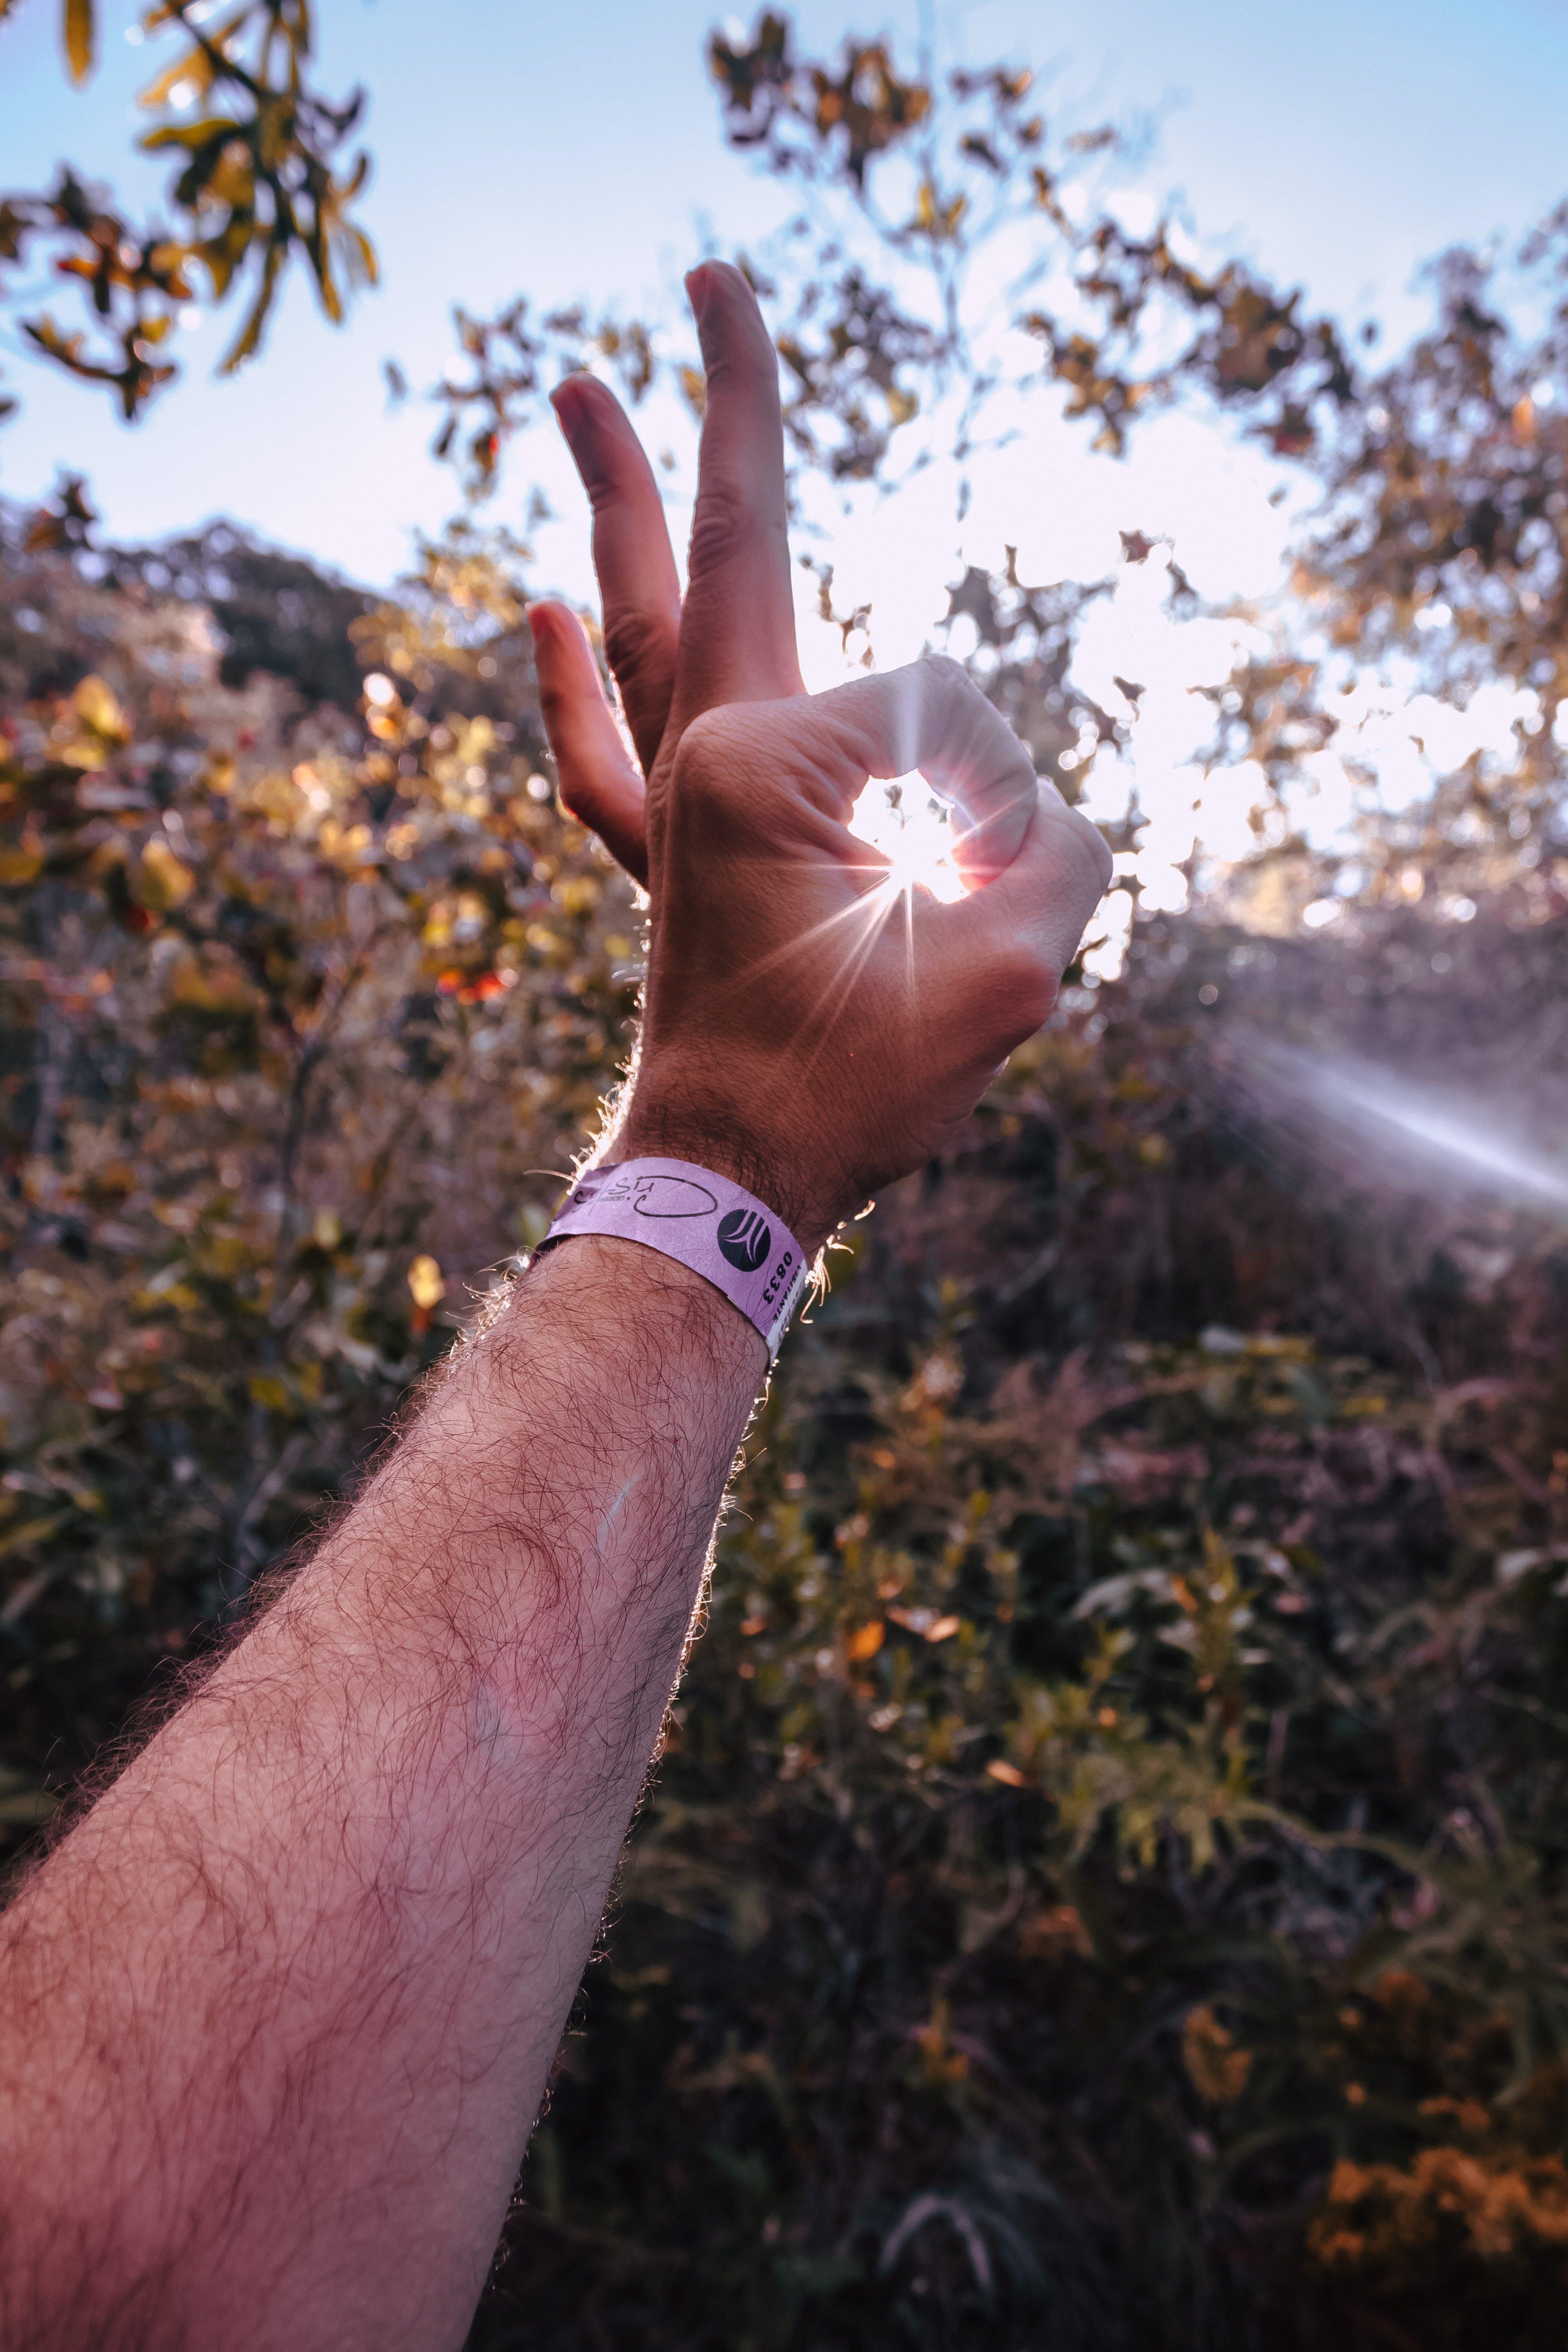 Δωρεάν στοκ φωτογραφιών με δάχτυλα, ηλιακό φως, Καλός, χέρι